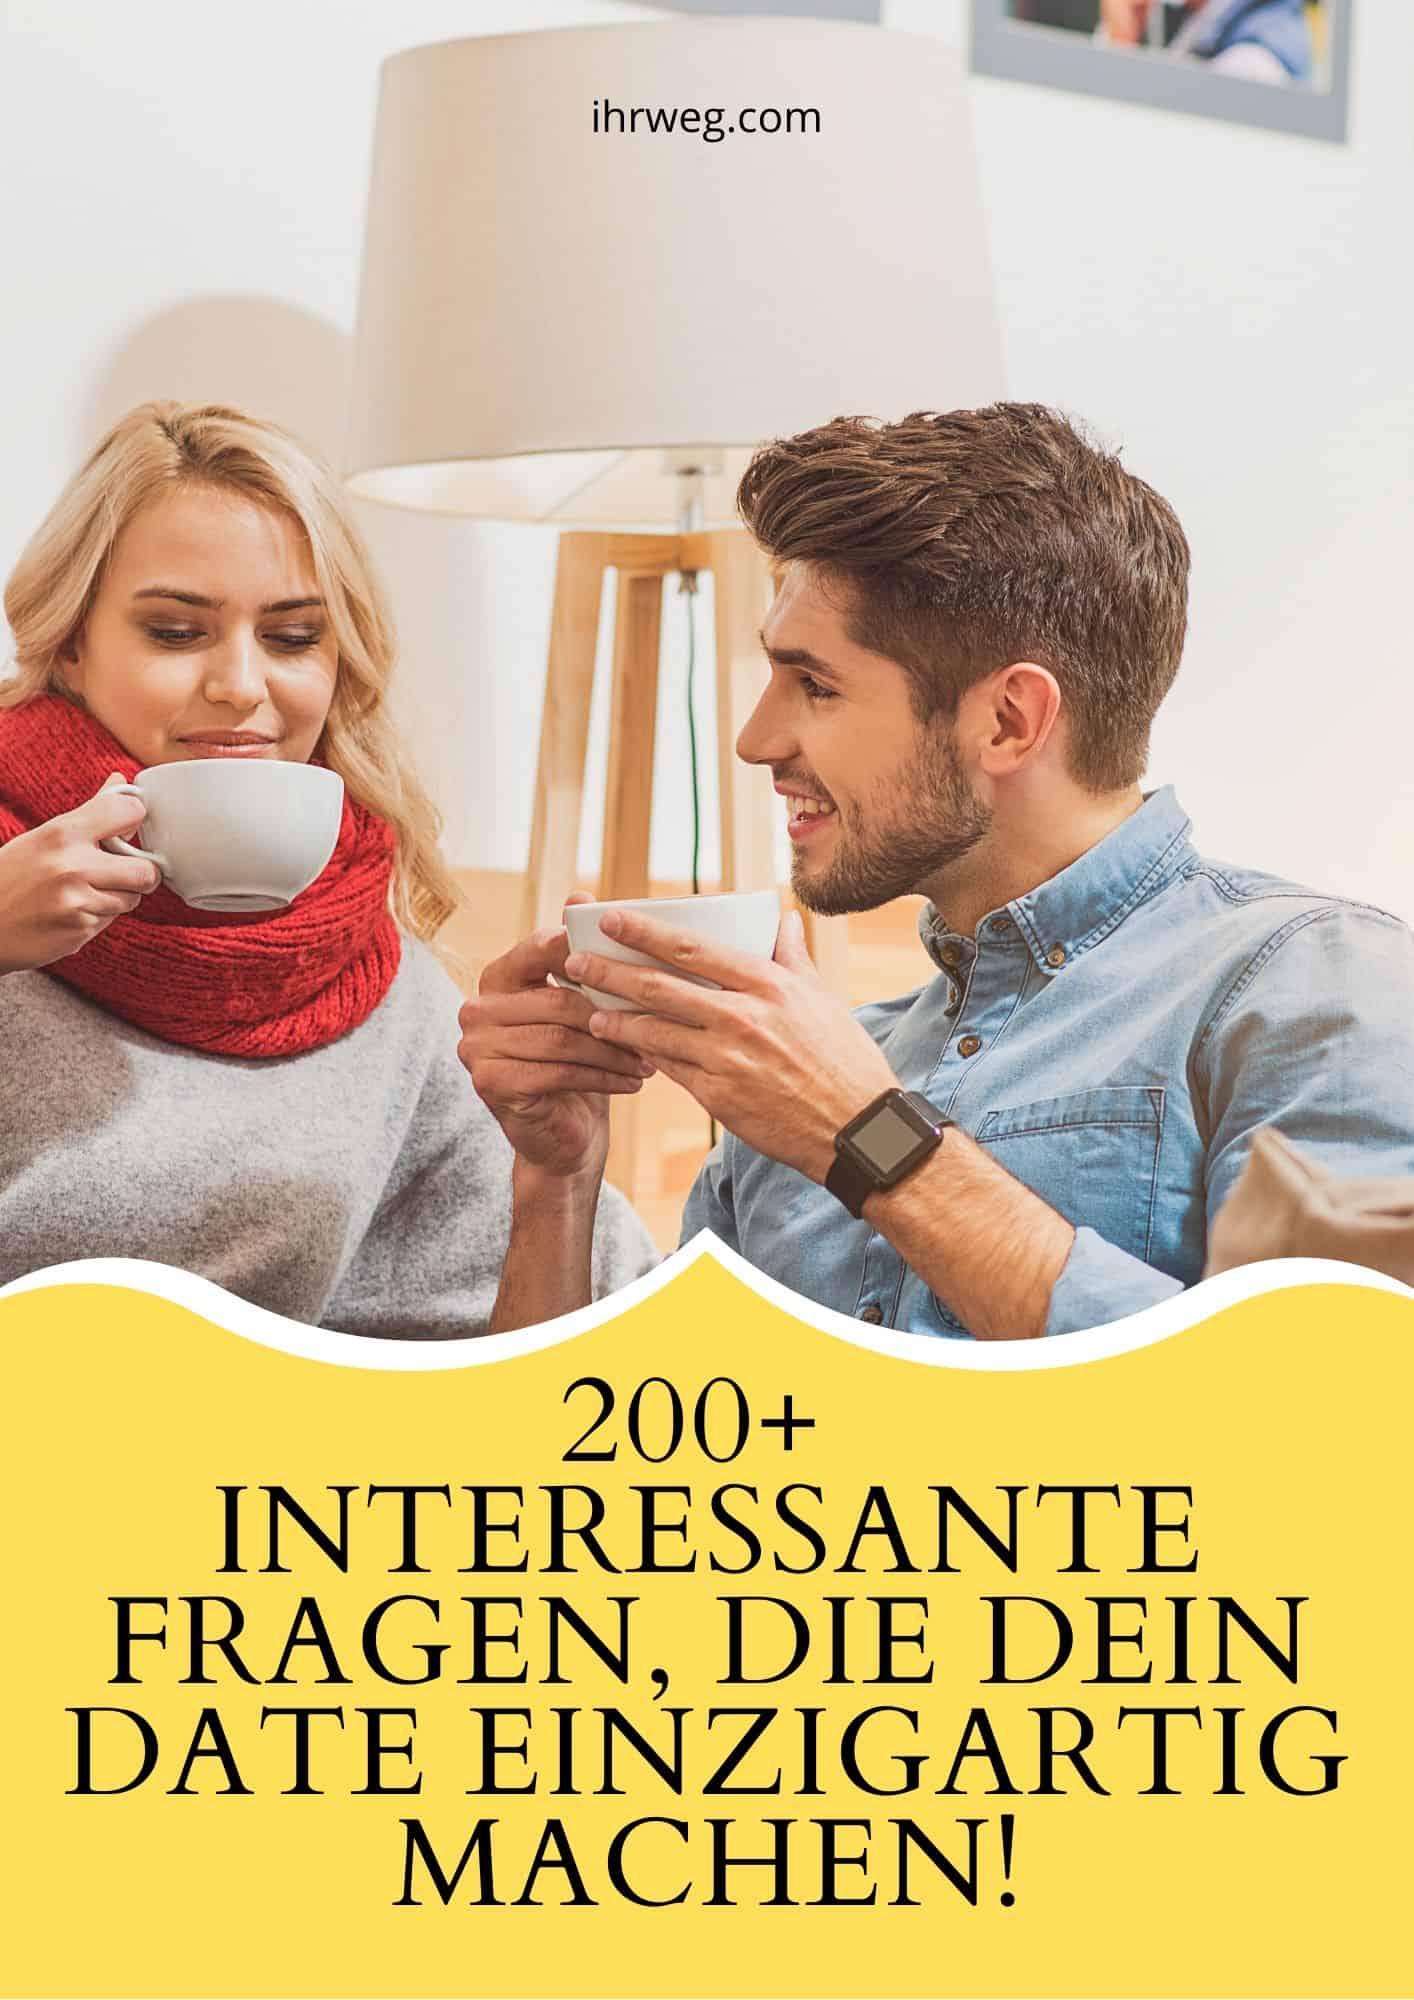 200+ Interessante Fragen, Die Dein Date Einzigartig Machen!